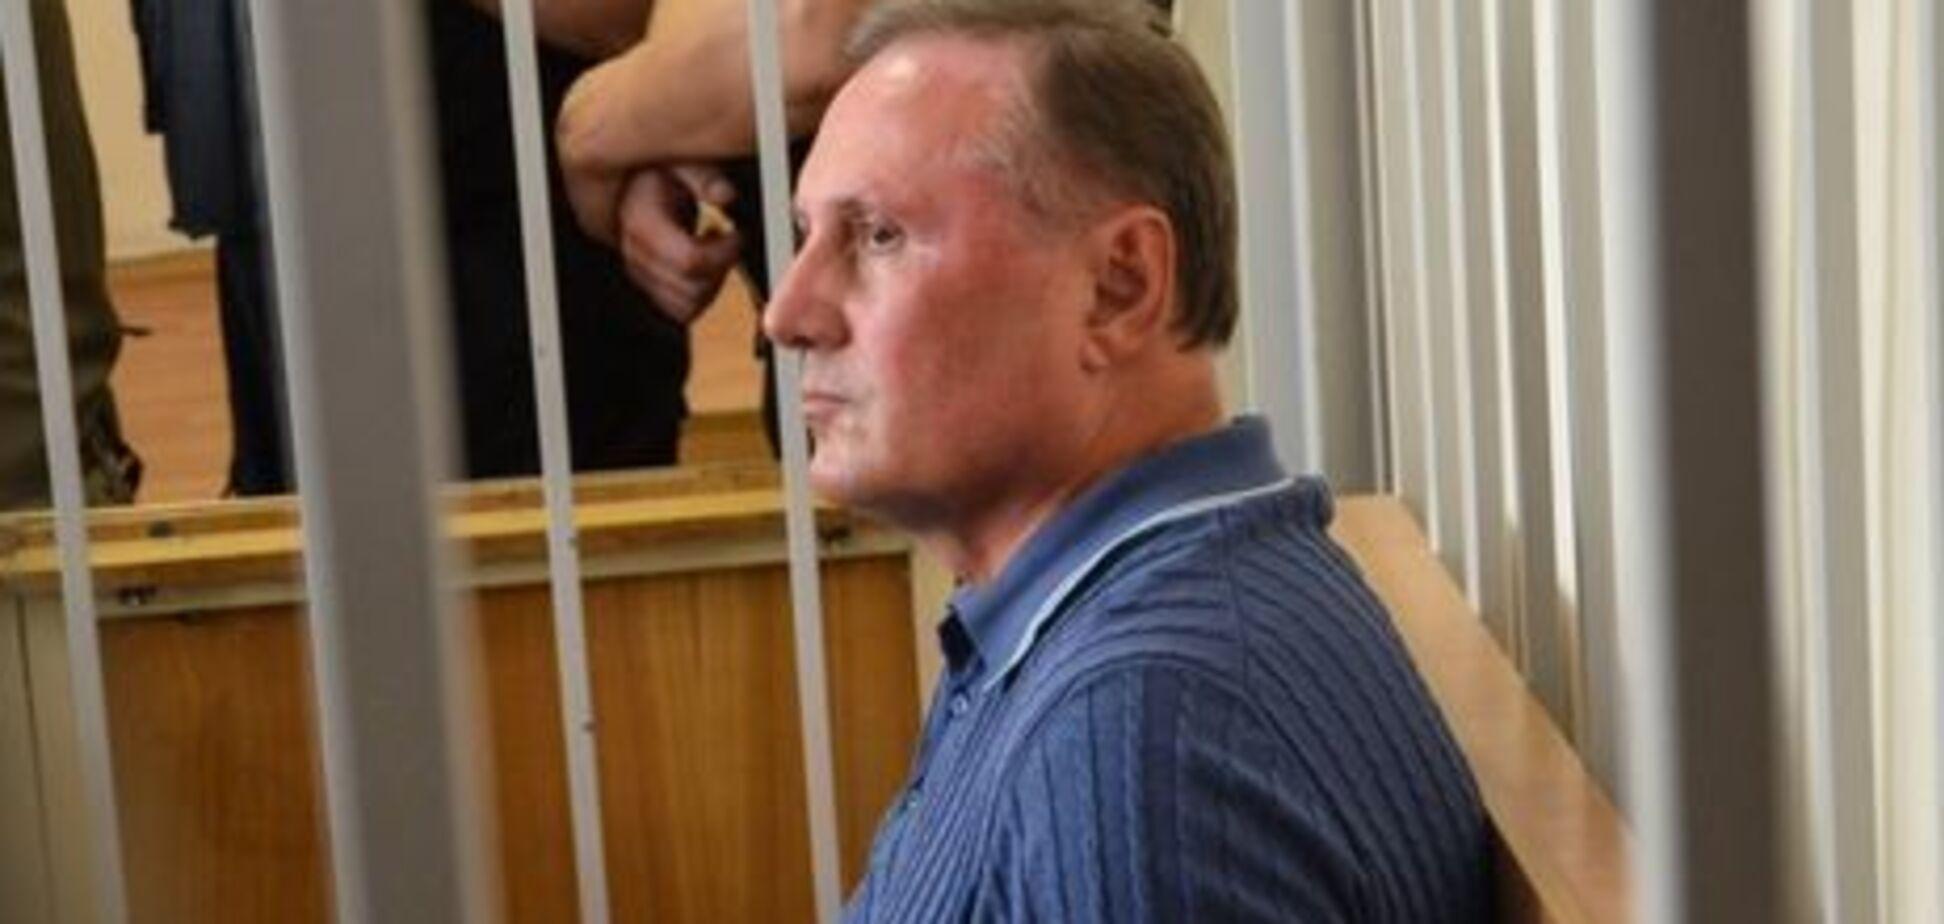 ЄСПЛ зобов'язав владу України надати всю інформацію щодо справи Єфремова